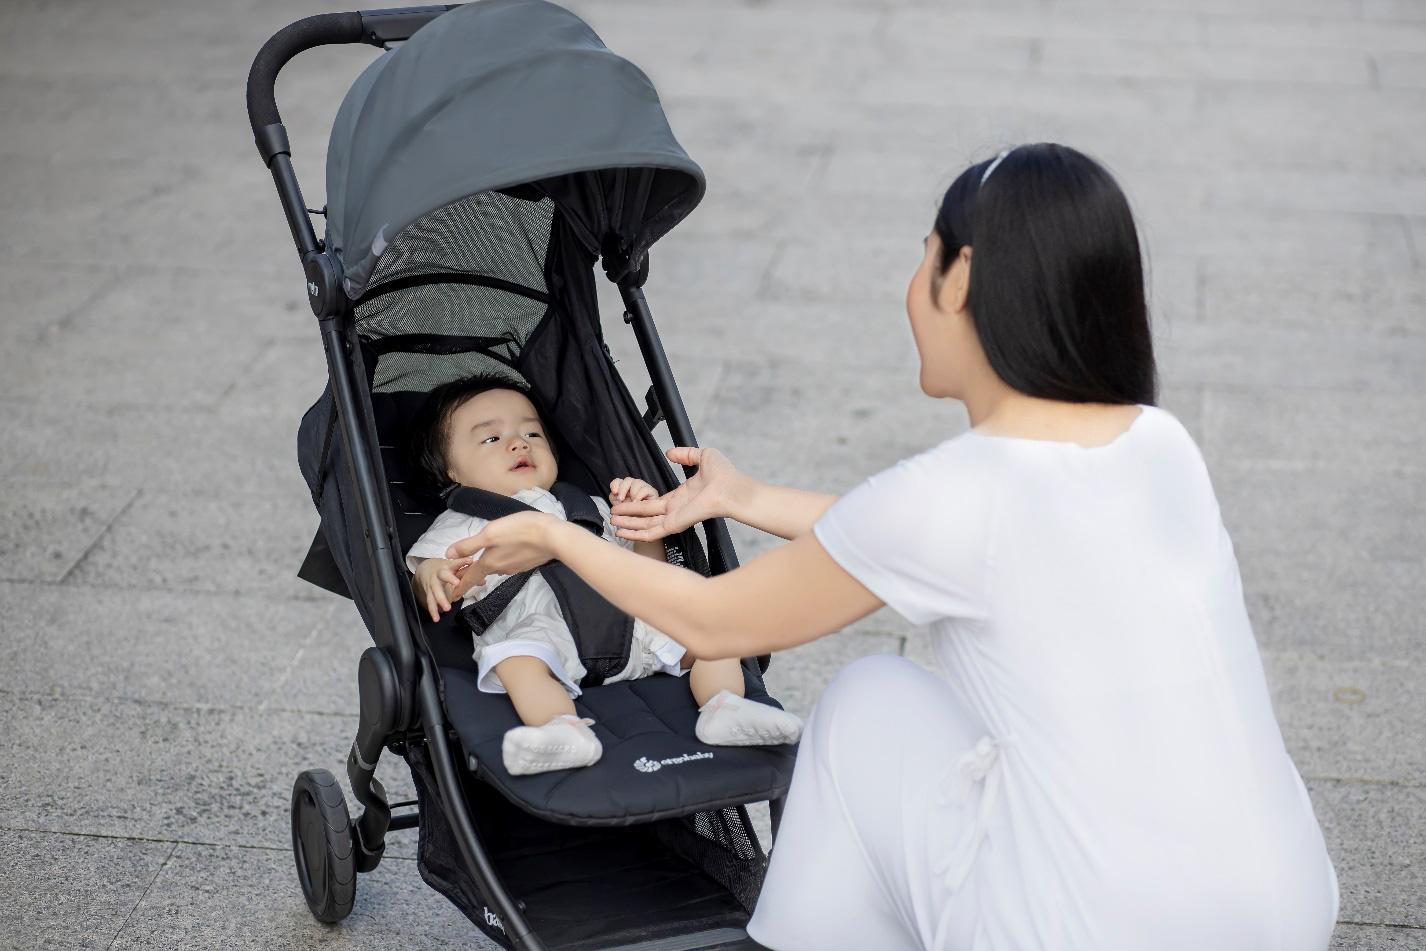 Mách mẹ cách chọn xe đẩy nhập khẩu từ mỹ thoải mái và an toàn cho con yêu - Ảnh 4.